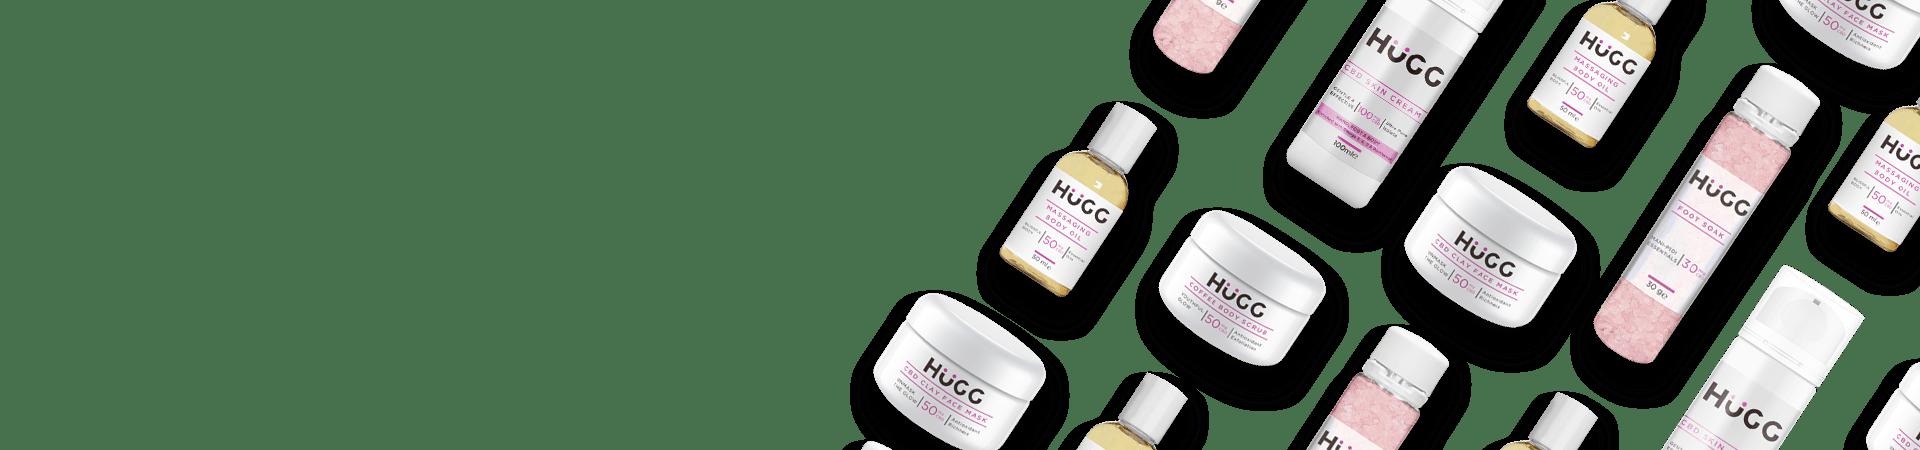 HUGG skincare